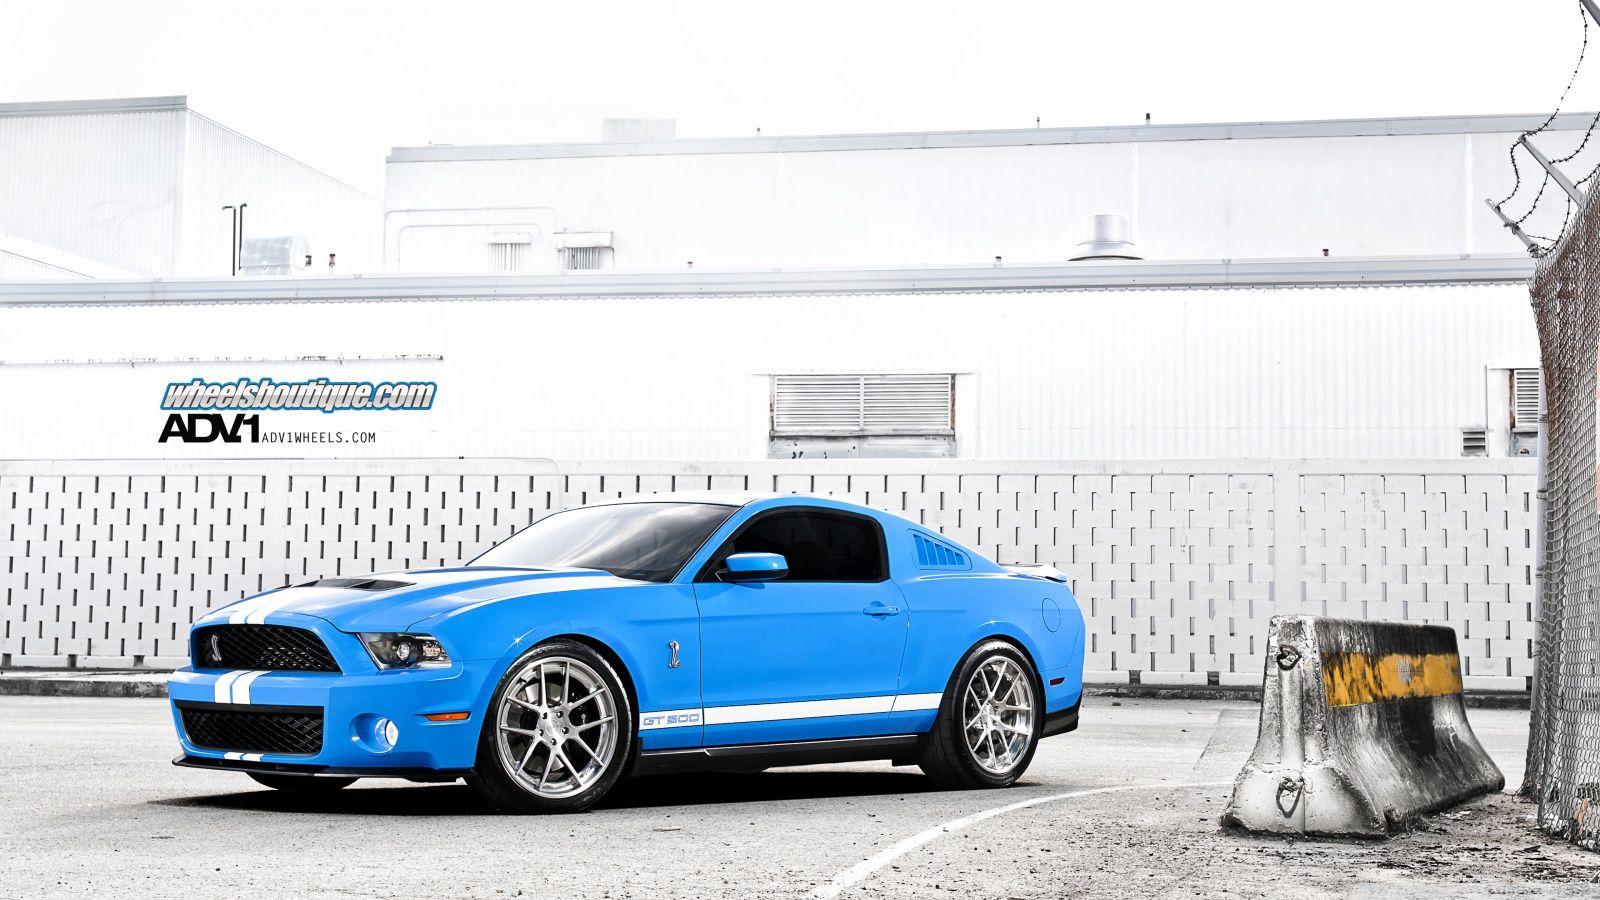 Adv 1 Ford Mustang Shelby Cobra Gt 500 Wallpaper 1600x900 10 000 Fonds D Ecran Hd Gratuits Et De Qu Ford Mustang Ford Mustang Shelby Cobra Ford Mustang Cobra